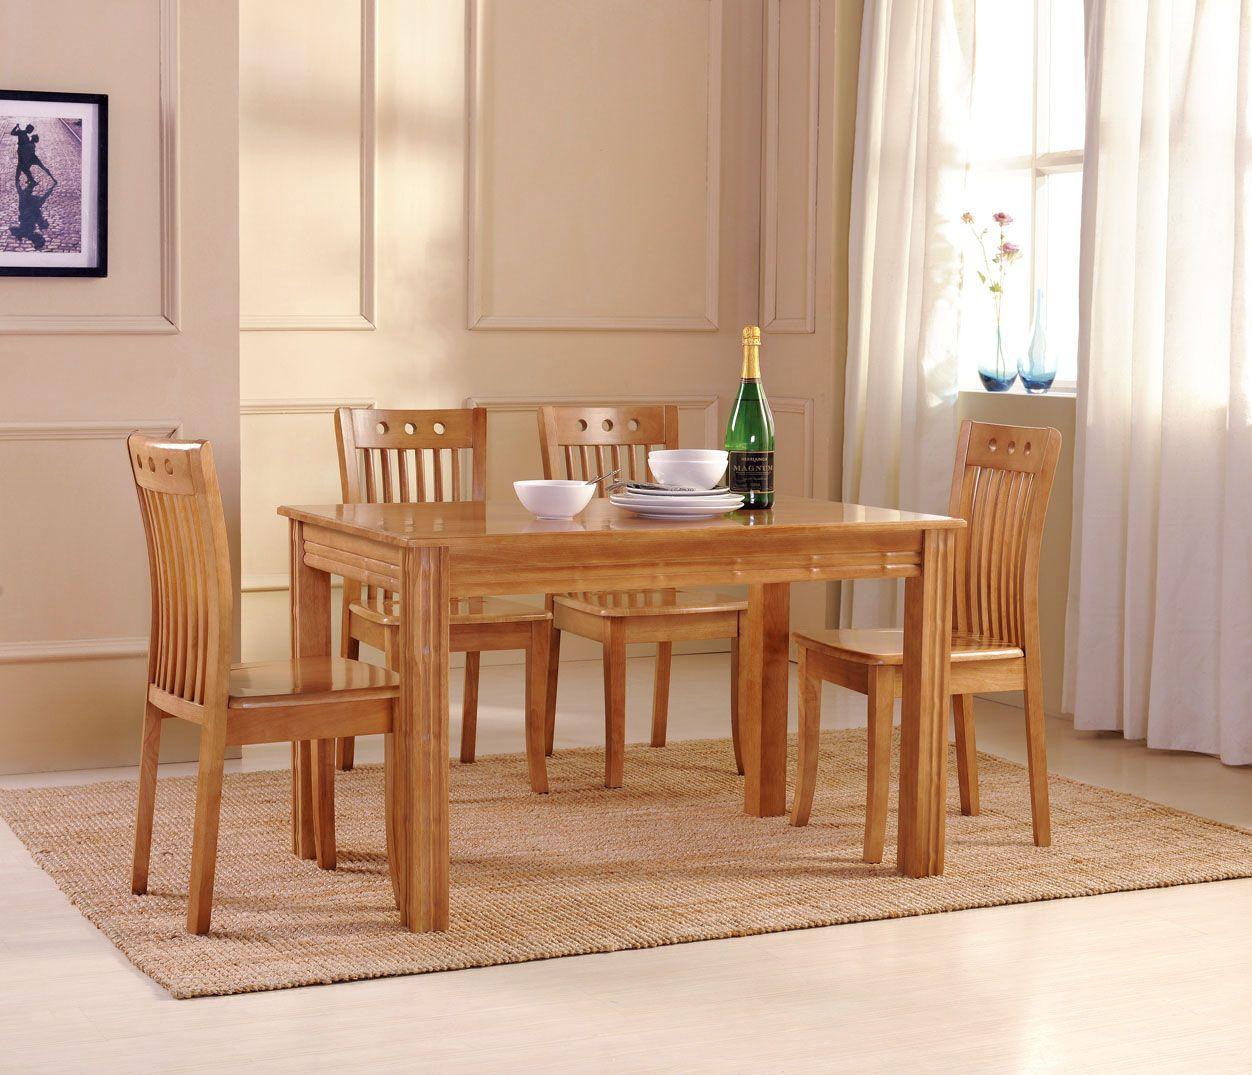 Holz Esstisch Set (mit Bildern) Moderne esszimmer tische